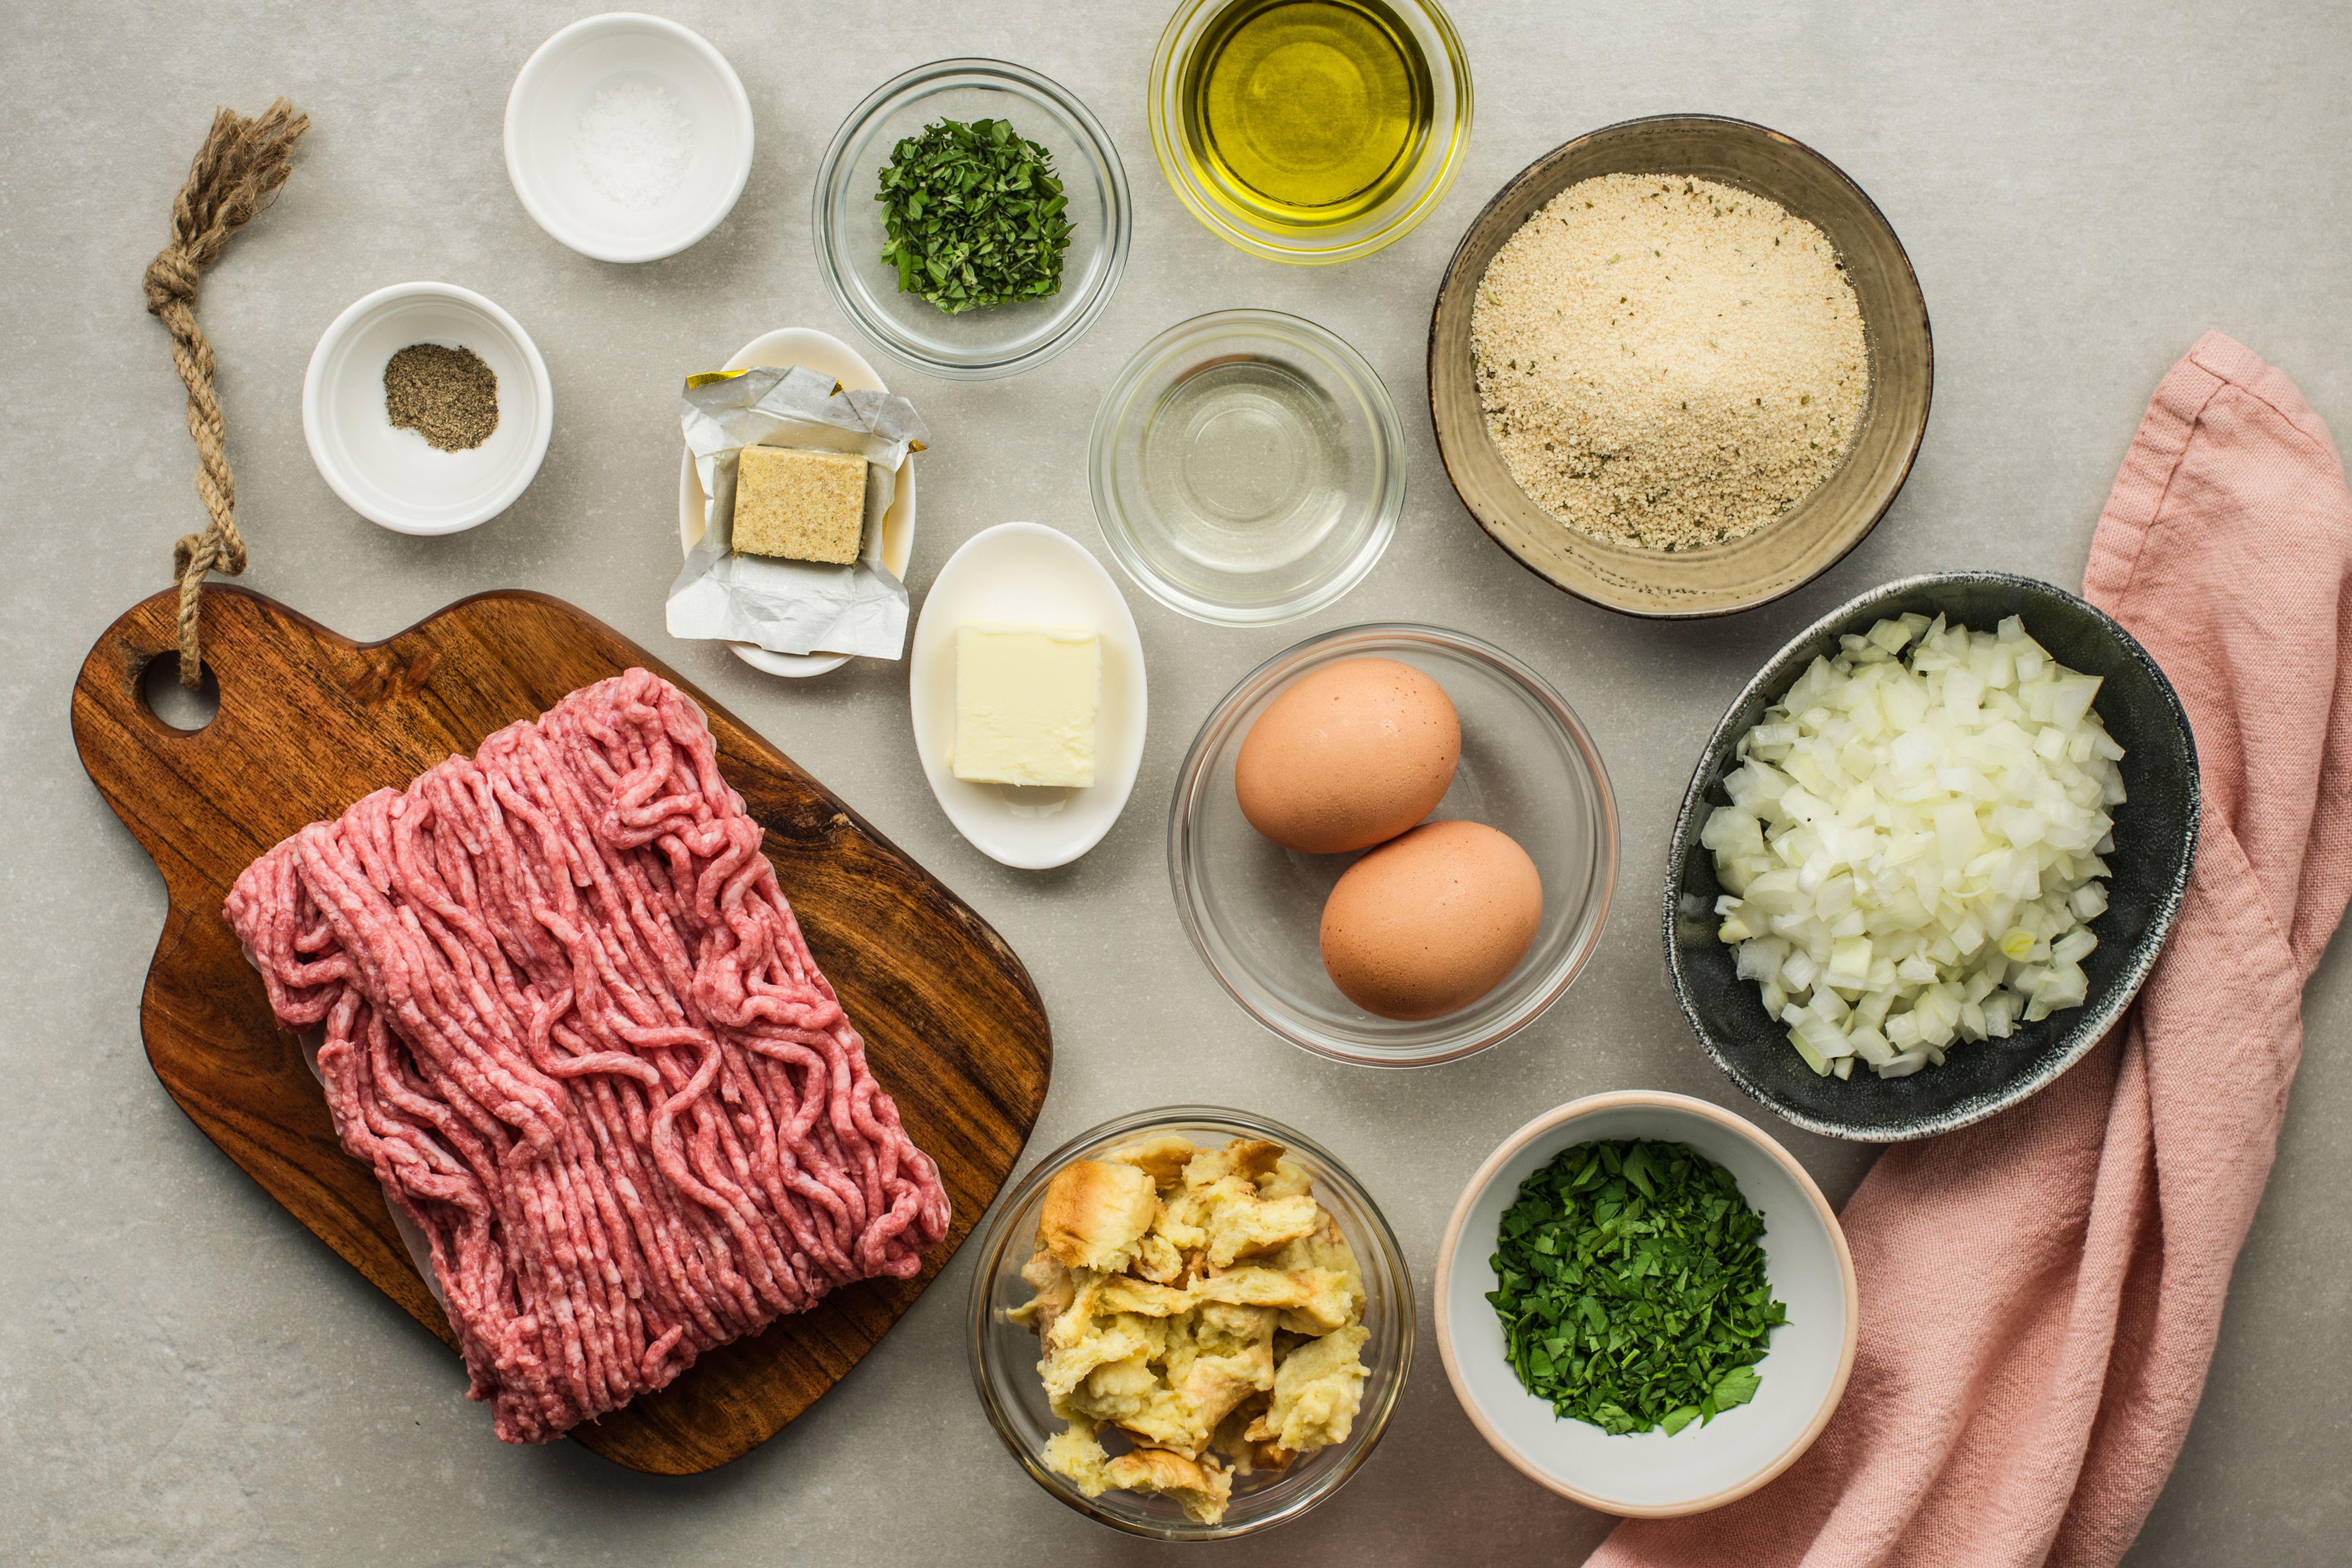 Frikadellen recipe ingredients